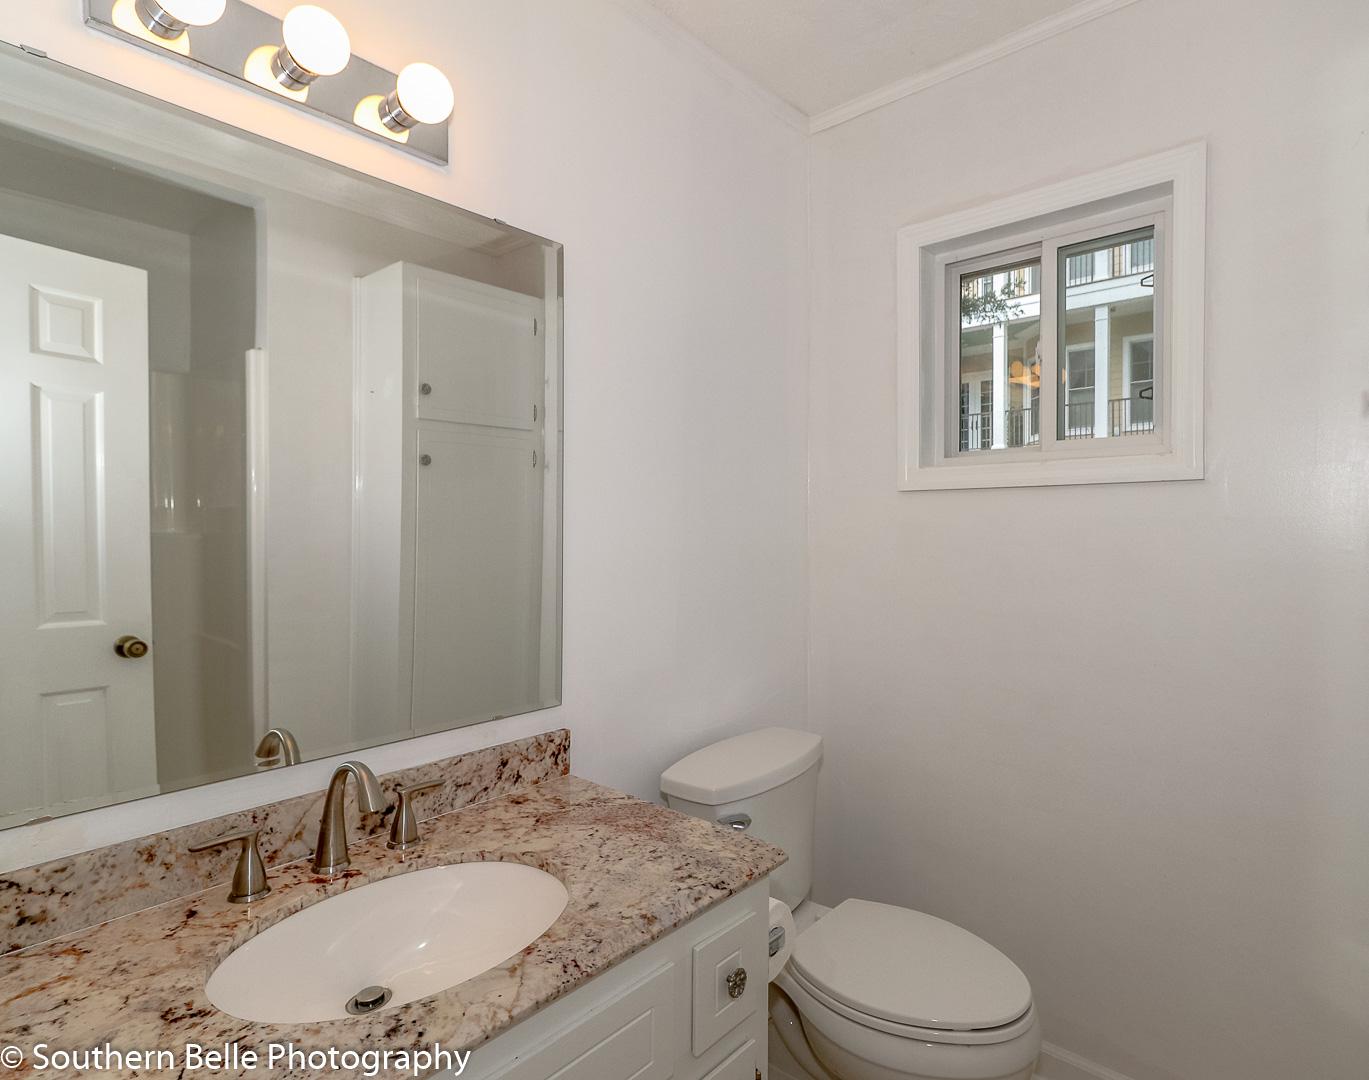 26. Full Bathroom WM